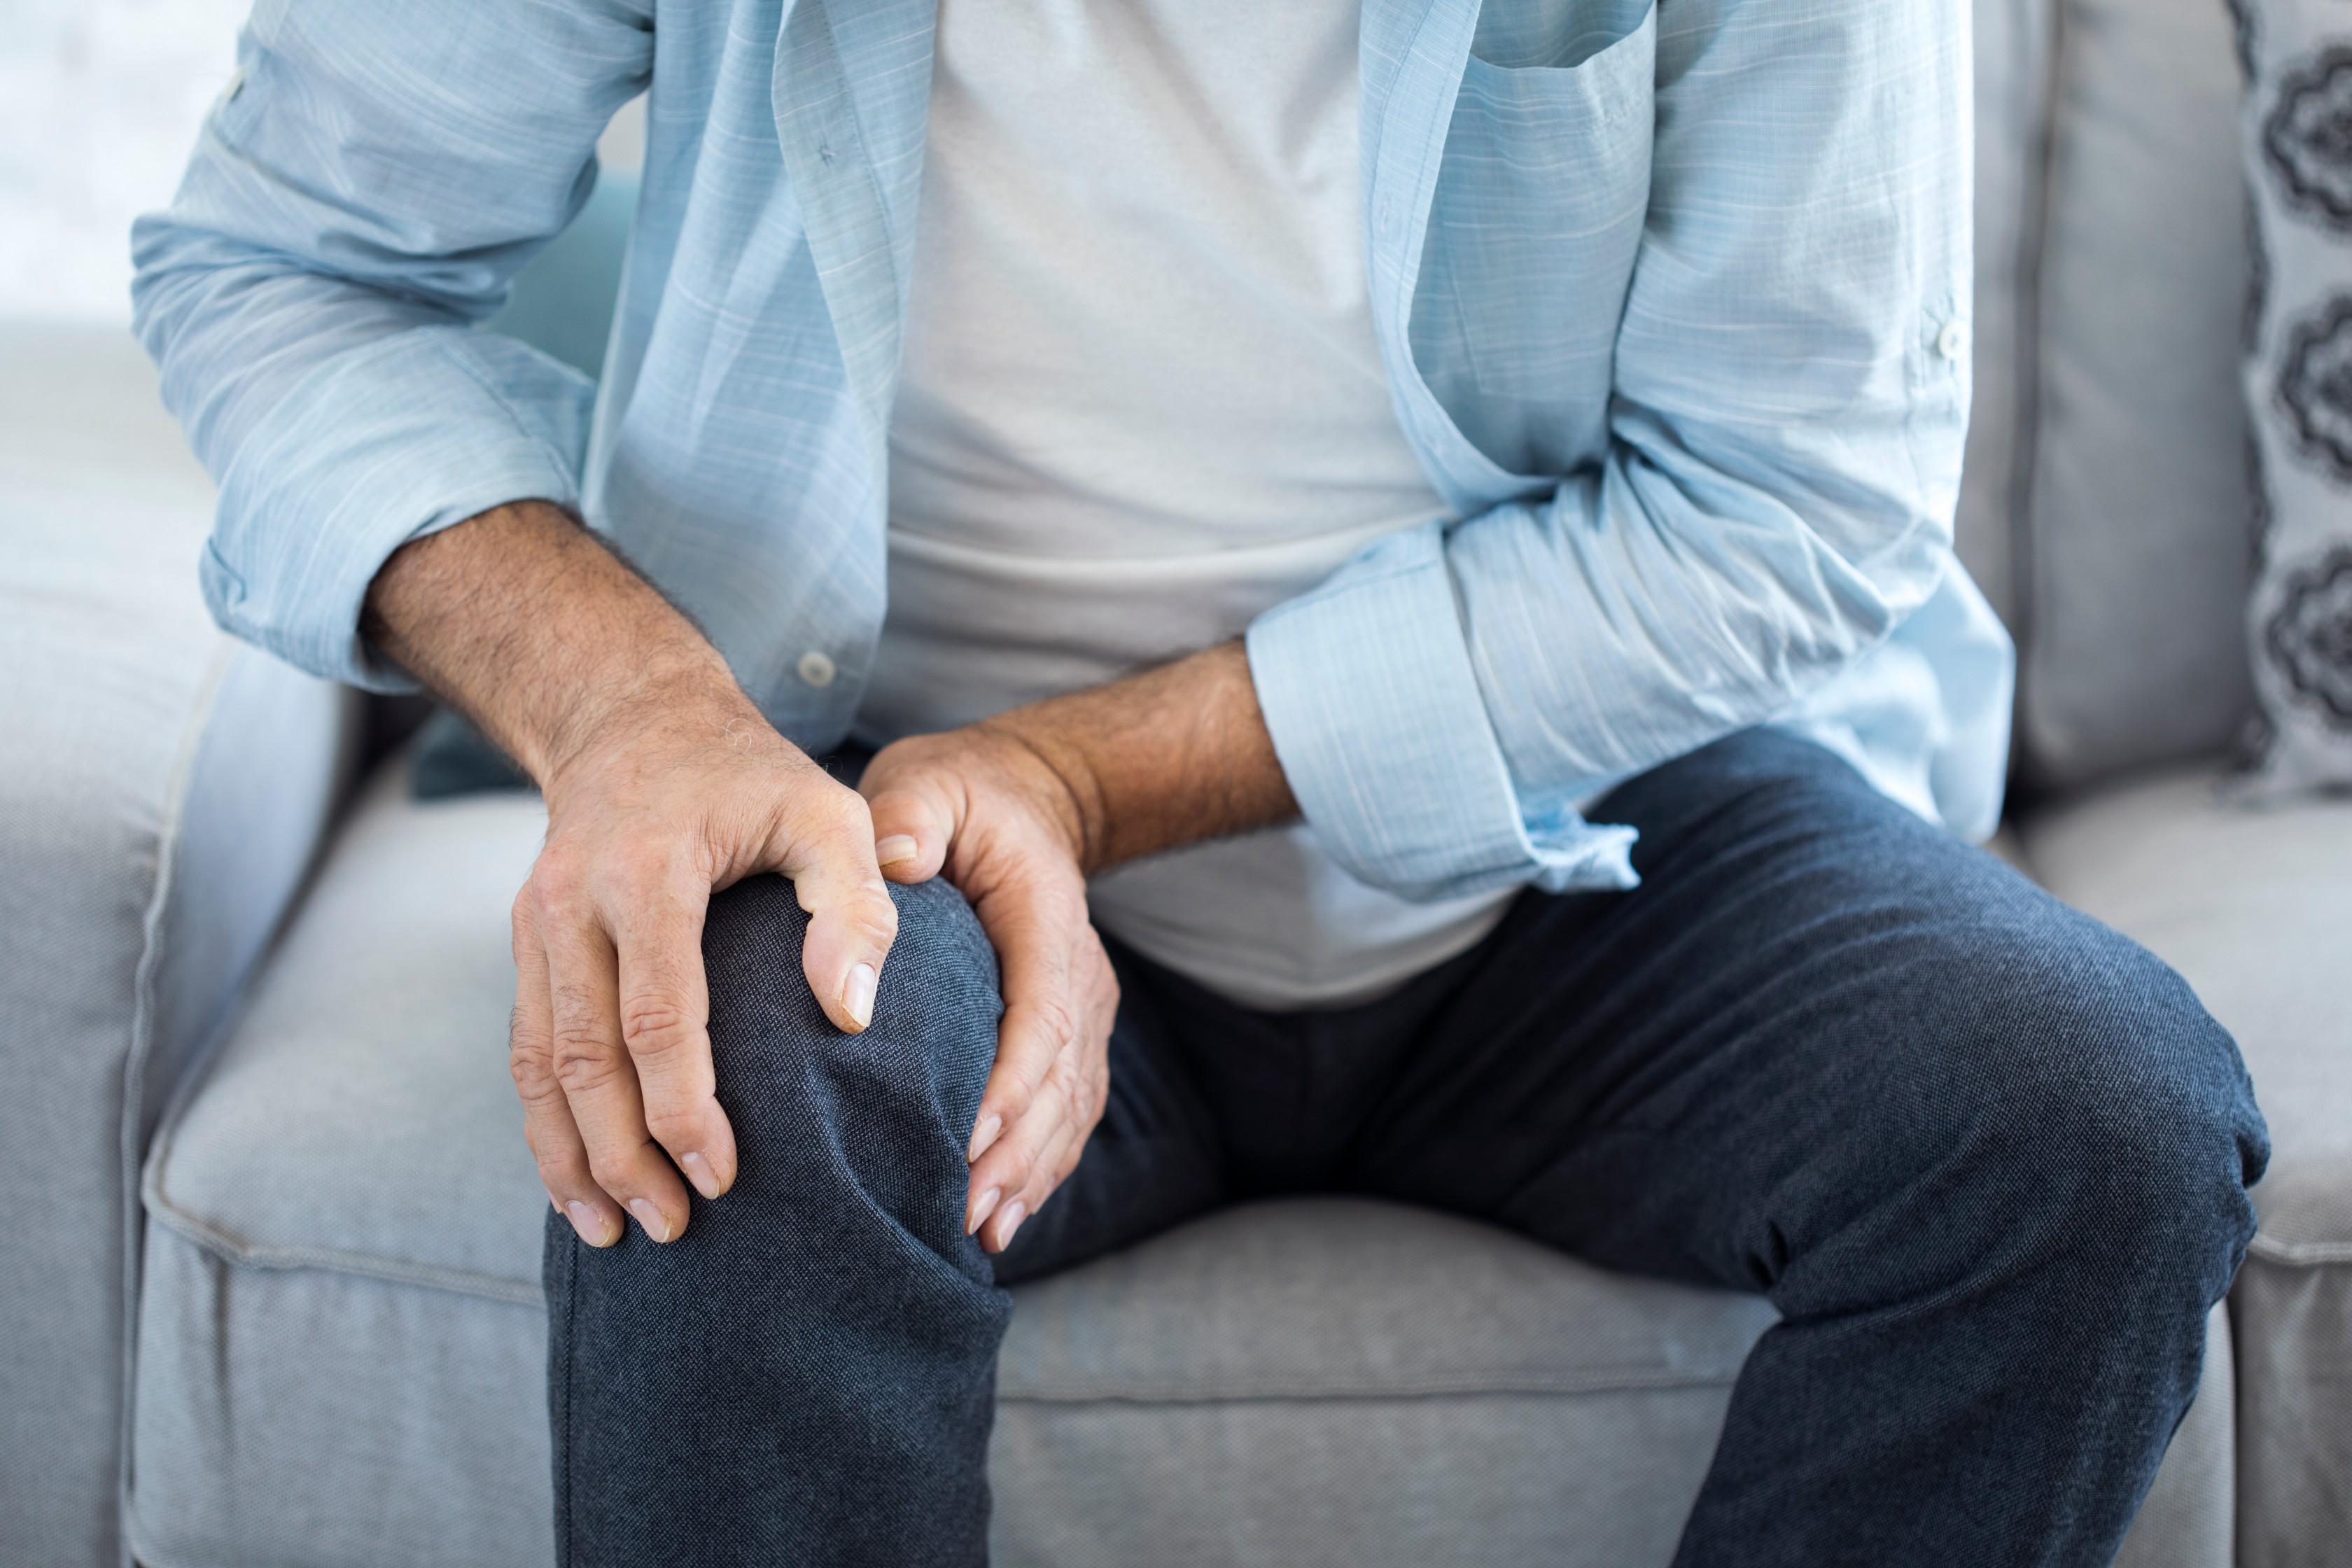 ízületi és izomfájdalom, mint kezelni milyen fájdalmak vannak az egész testben